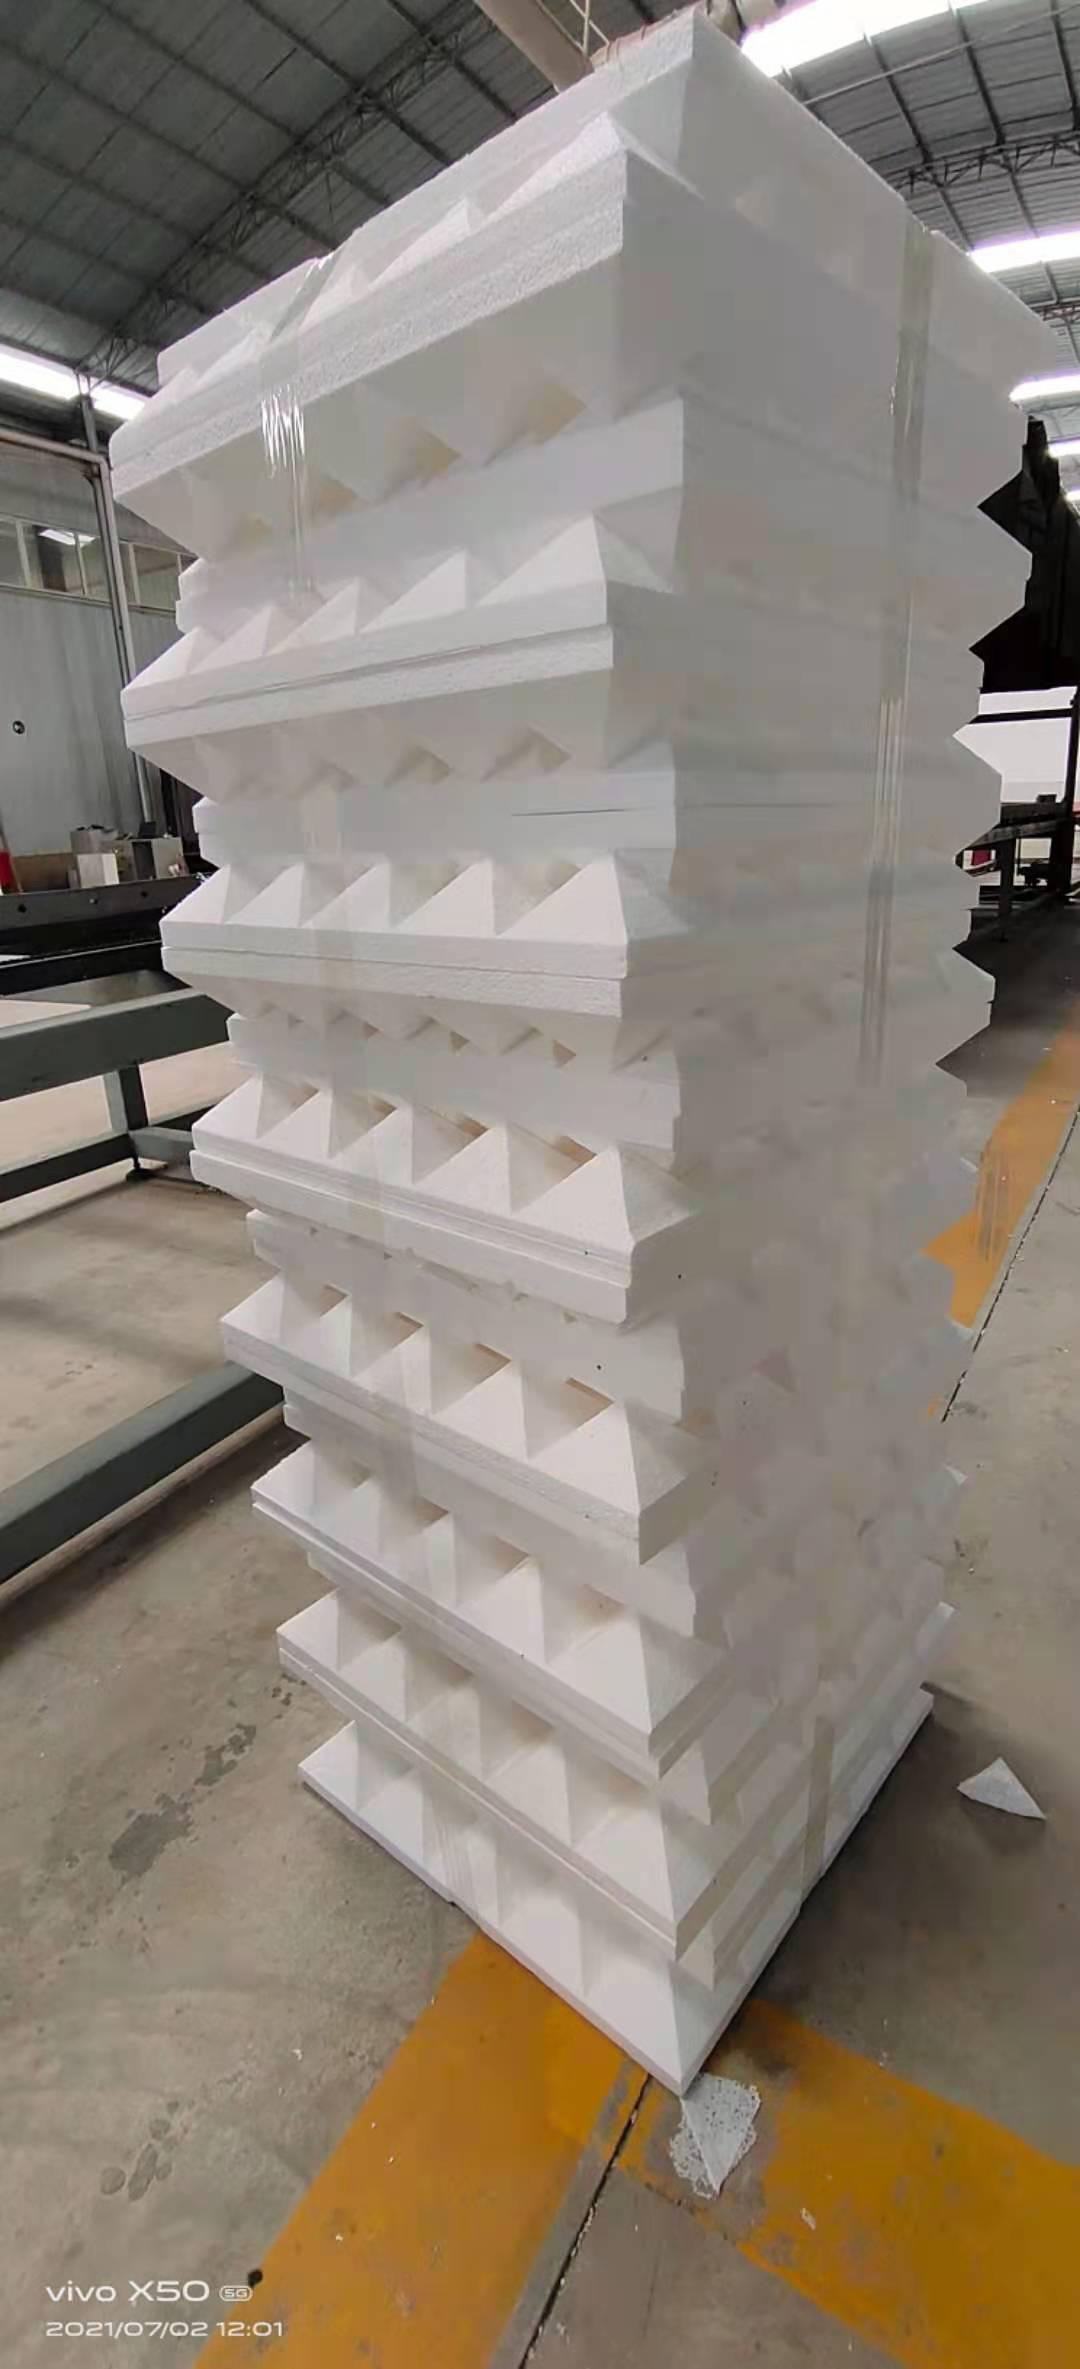 聚乙烯闭孔泡沫板的应用范围广吗?当然了。